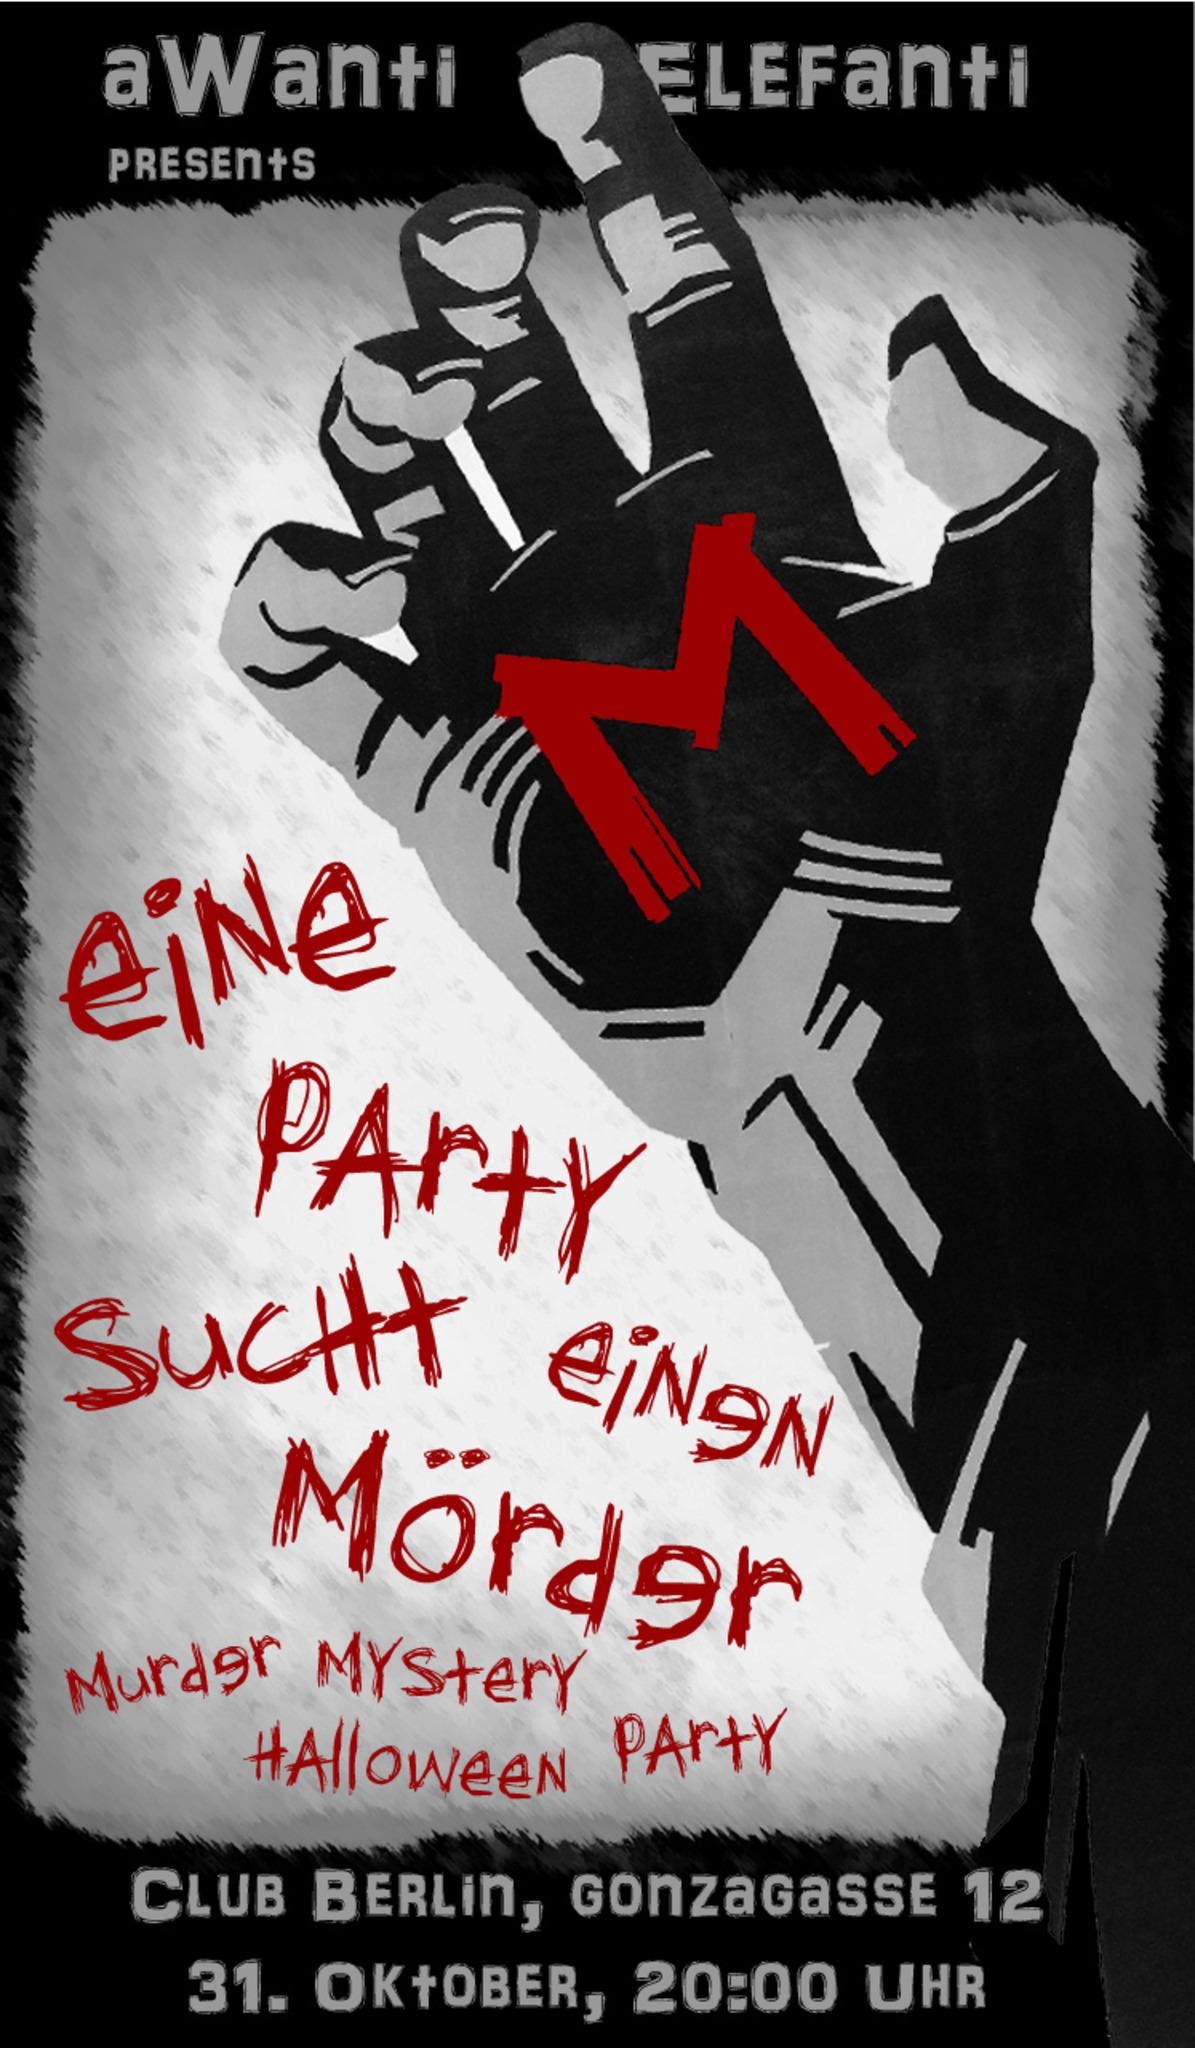 """m - eine party sucht einen mörder"""" - halloween party als murder"""